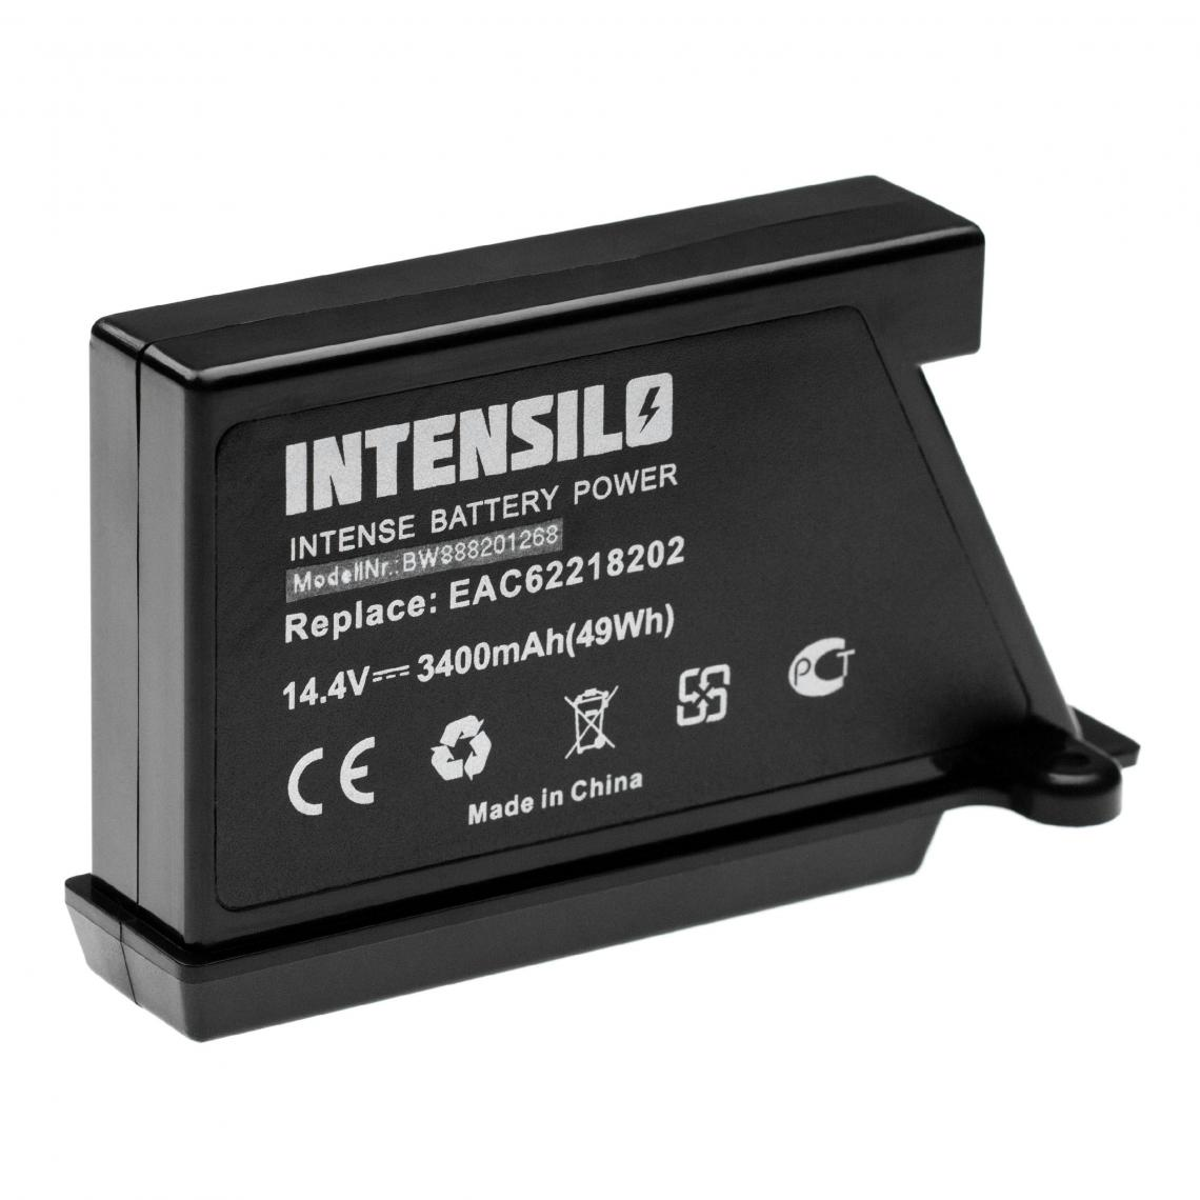 Vhbw INTENSILO Batterie compatible avec LG HOM-BOT VR6260LVM, VR6270, VR62701LV robot électroménager (3400mAh, 14,4V, Li-ion)